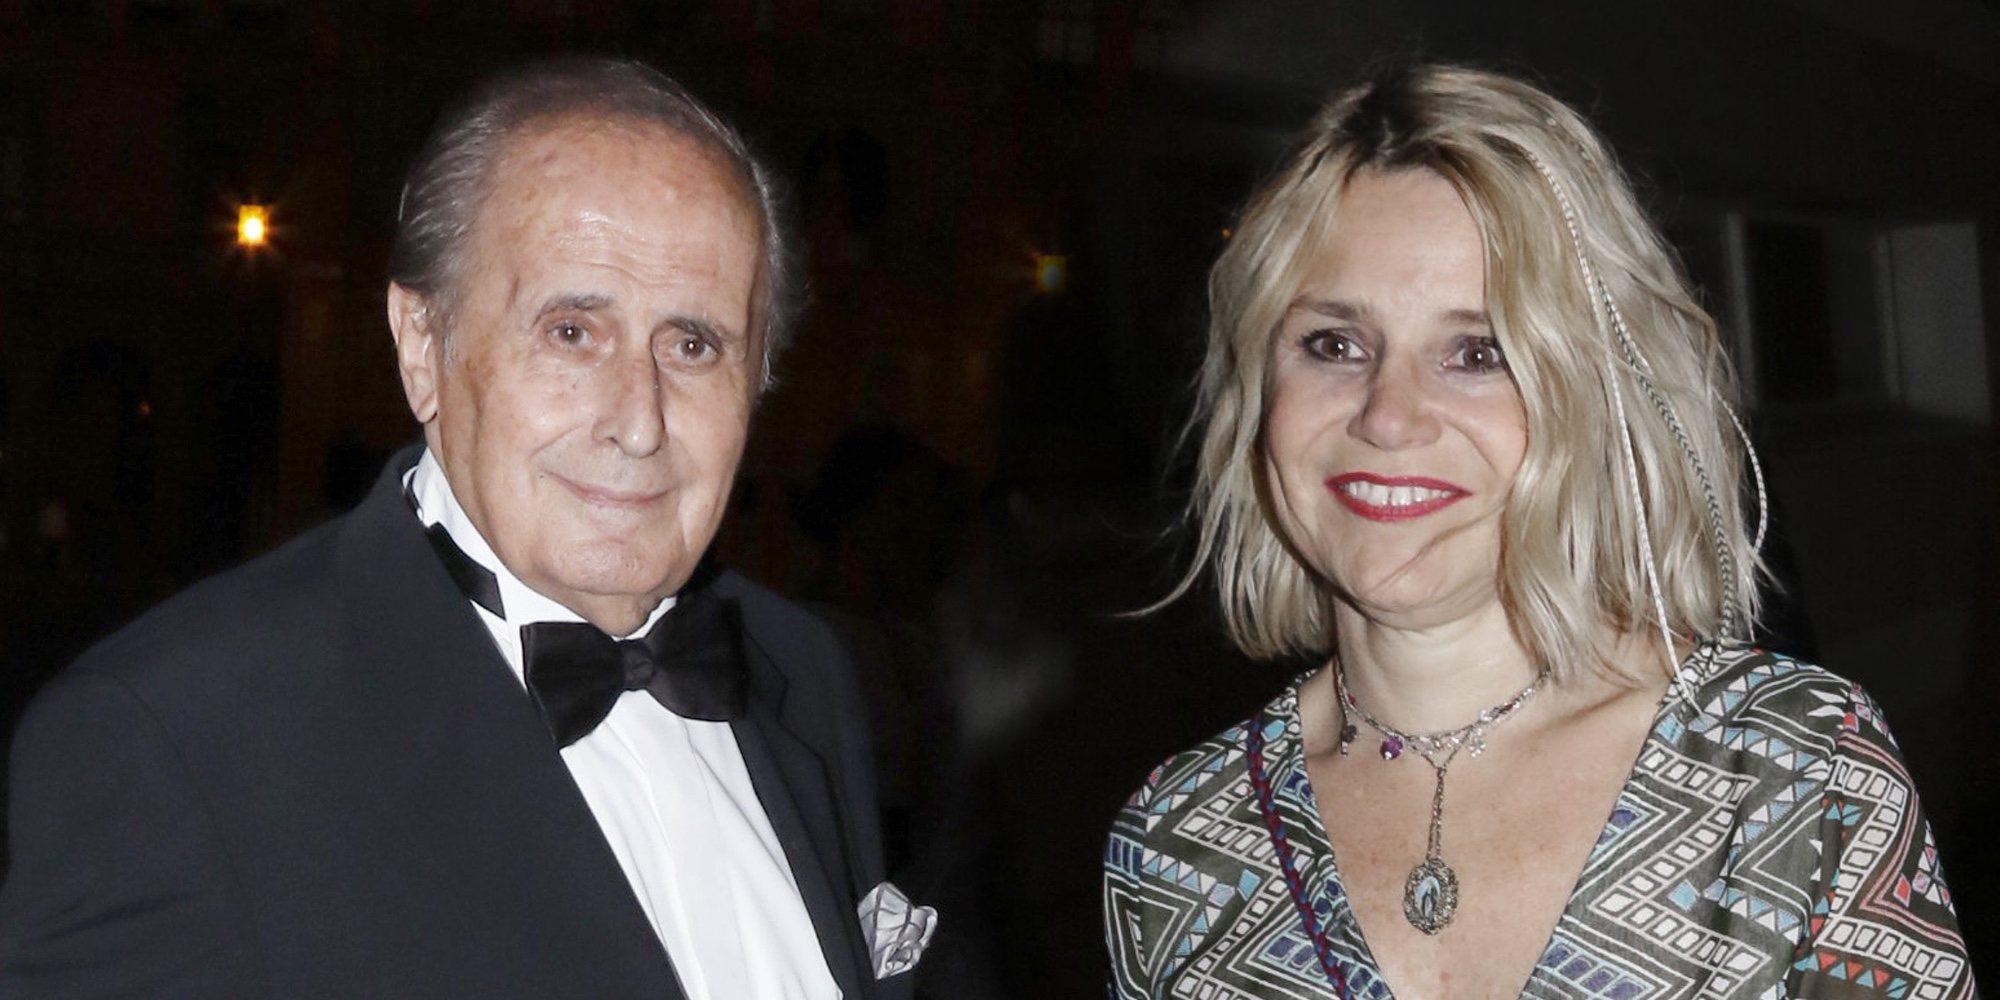 """Jaime Peñafiel critica abiertamente a Eugenia Martínez de Irujo: """"Ha perdido los papeles. Es una ingrata"""""""